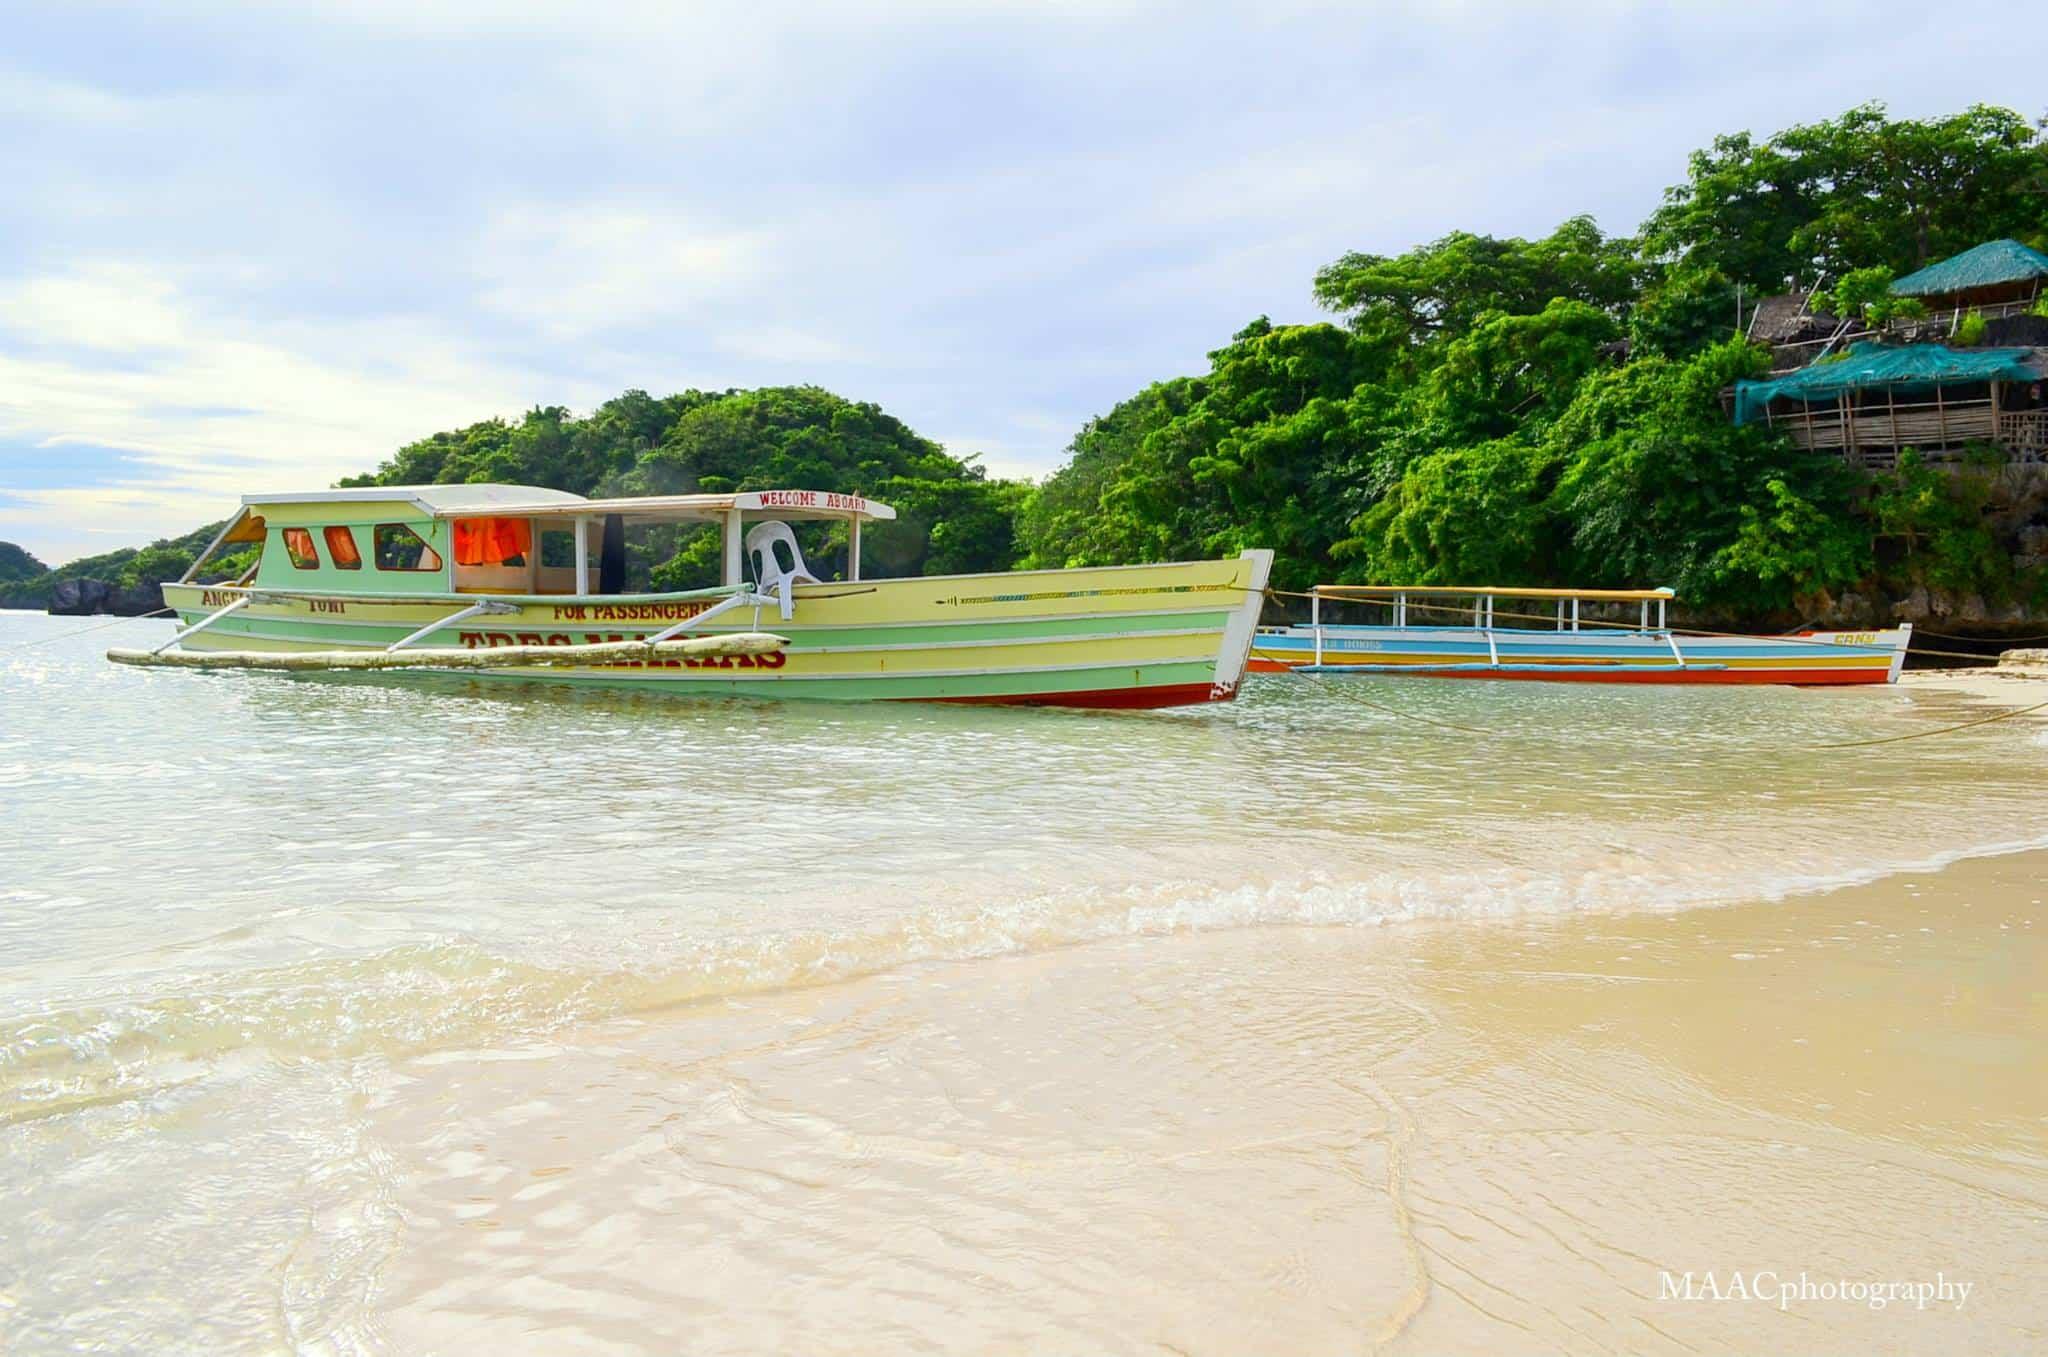 Hundred Islands bwin banküberweisung Pangasinan Philippines wie zu spielen Casino auf bwin bwin Angebot europei Clinic